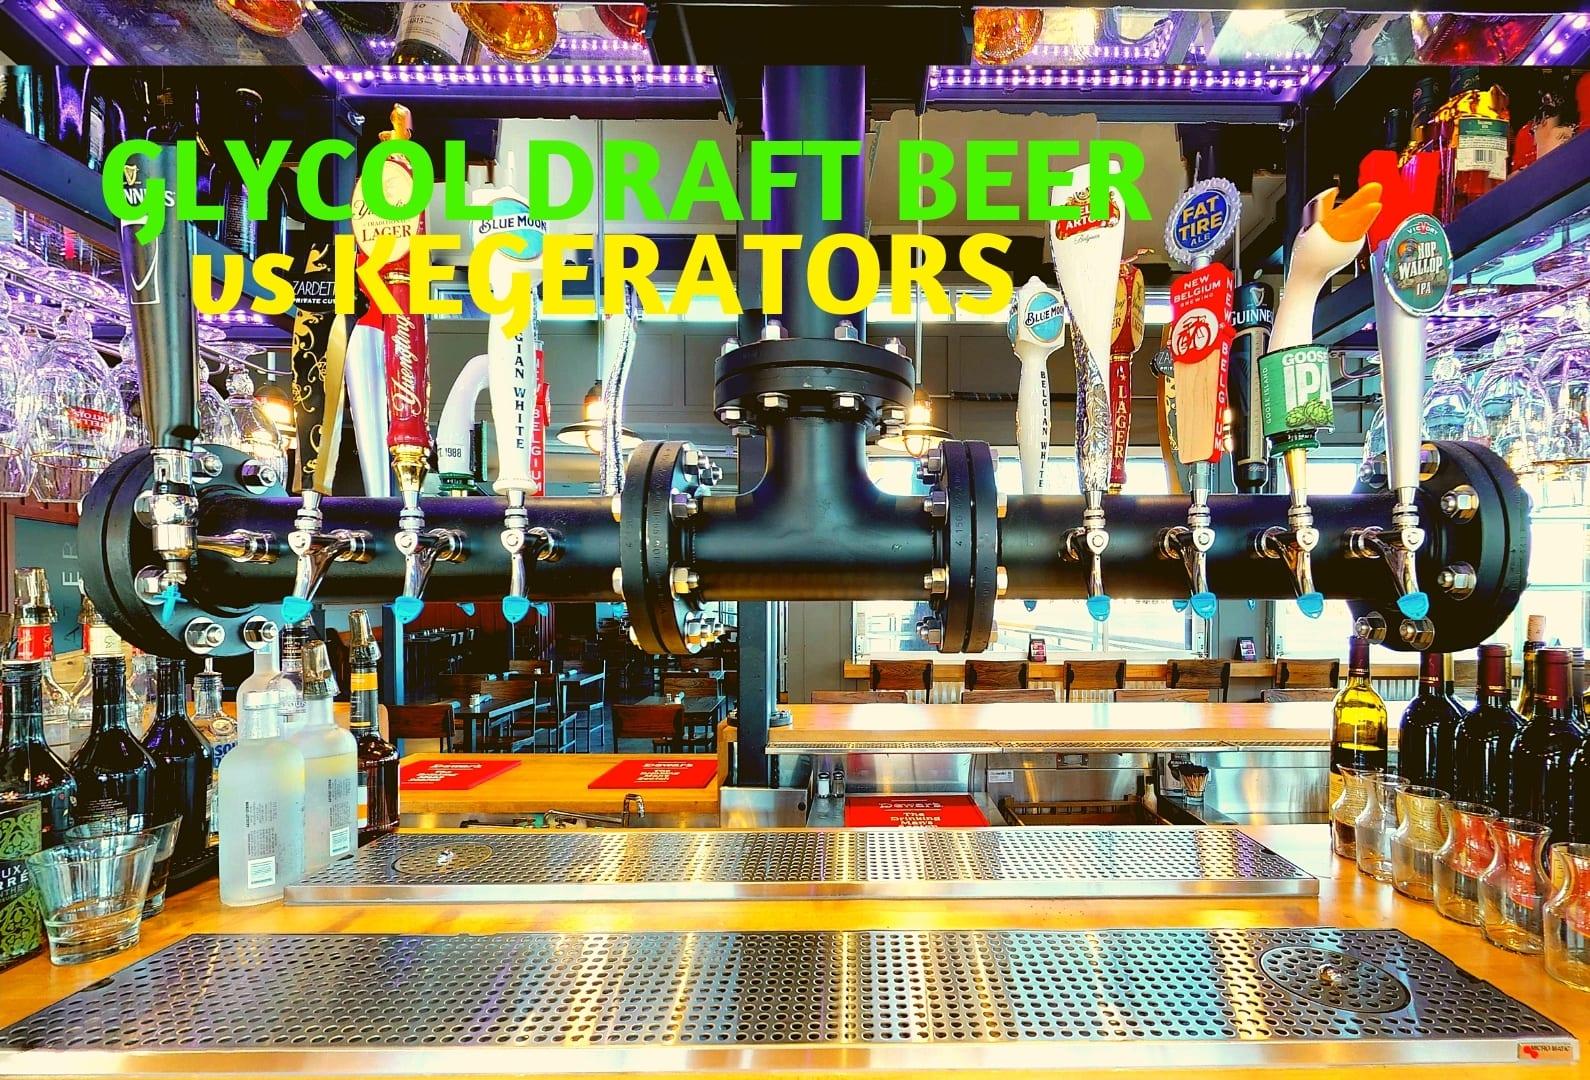 GLYCOL-COOLERS-vs-KEGERATORS-TN-2